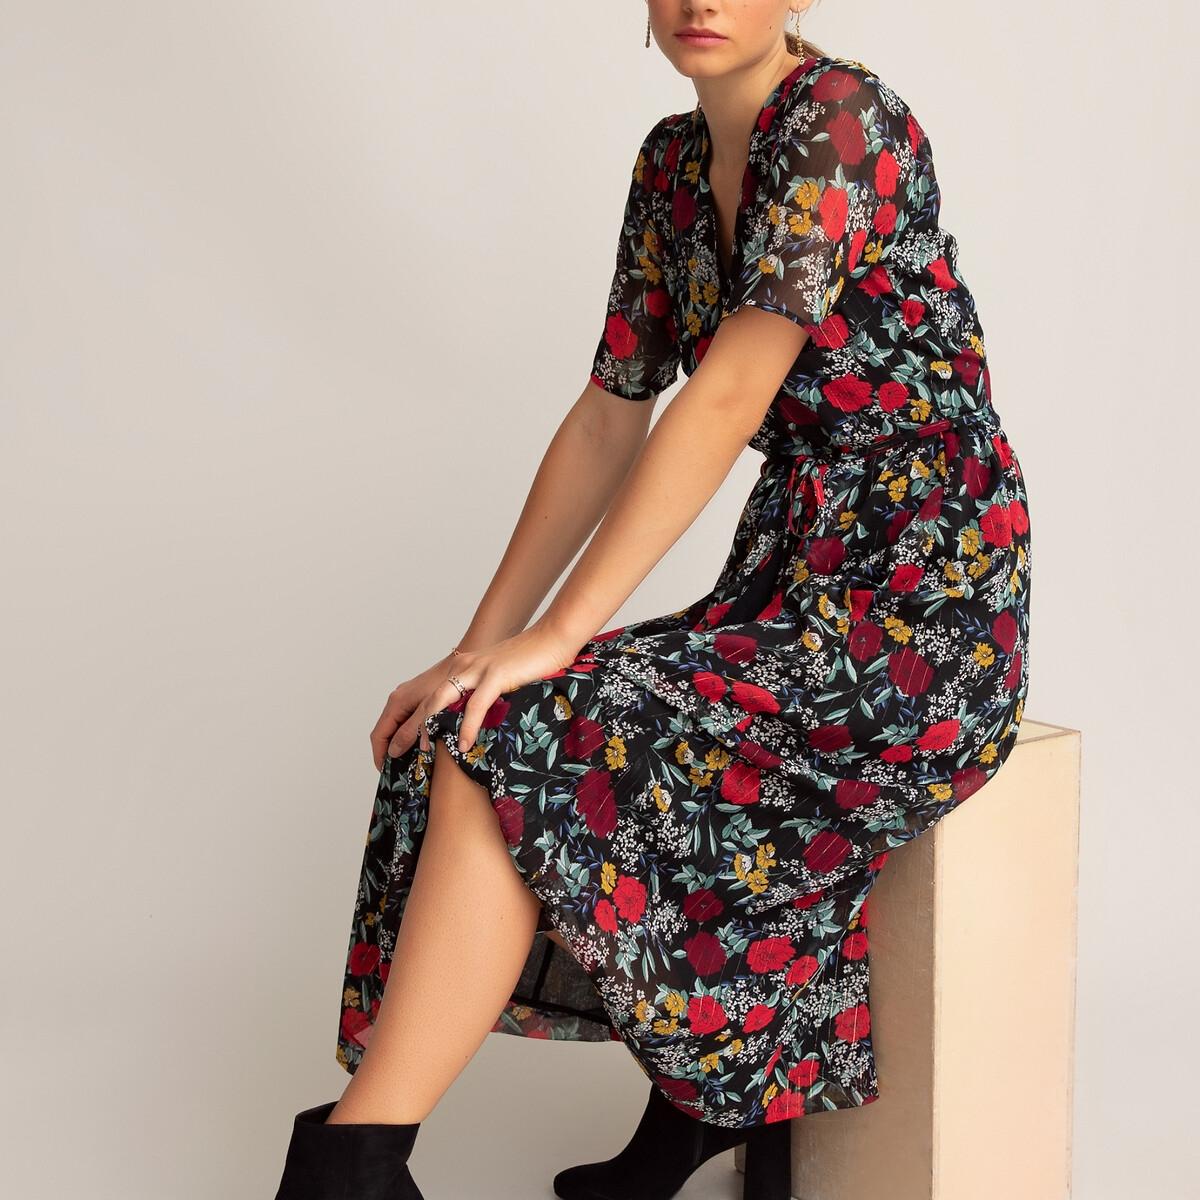 Платье La Redoute С запахом длинное с короткими рукавами с принтом 34 (FR) - 40 (RUS) черный платье la redoute длинное с запахом с короткими рукавами 34 fr 40 rus черный